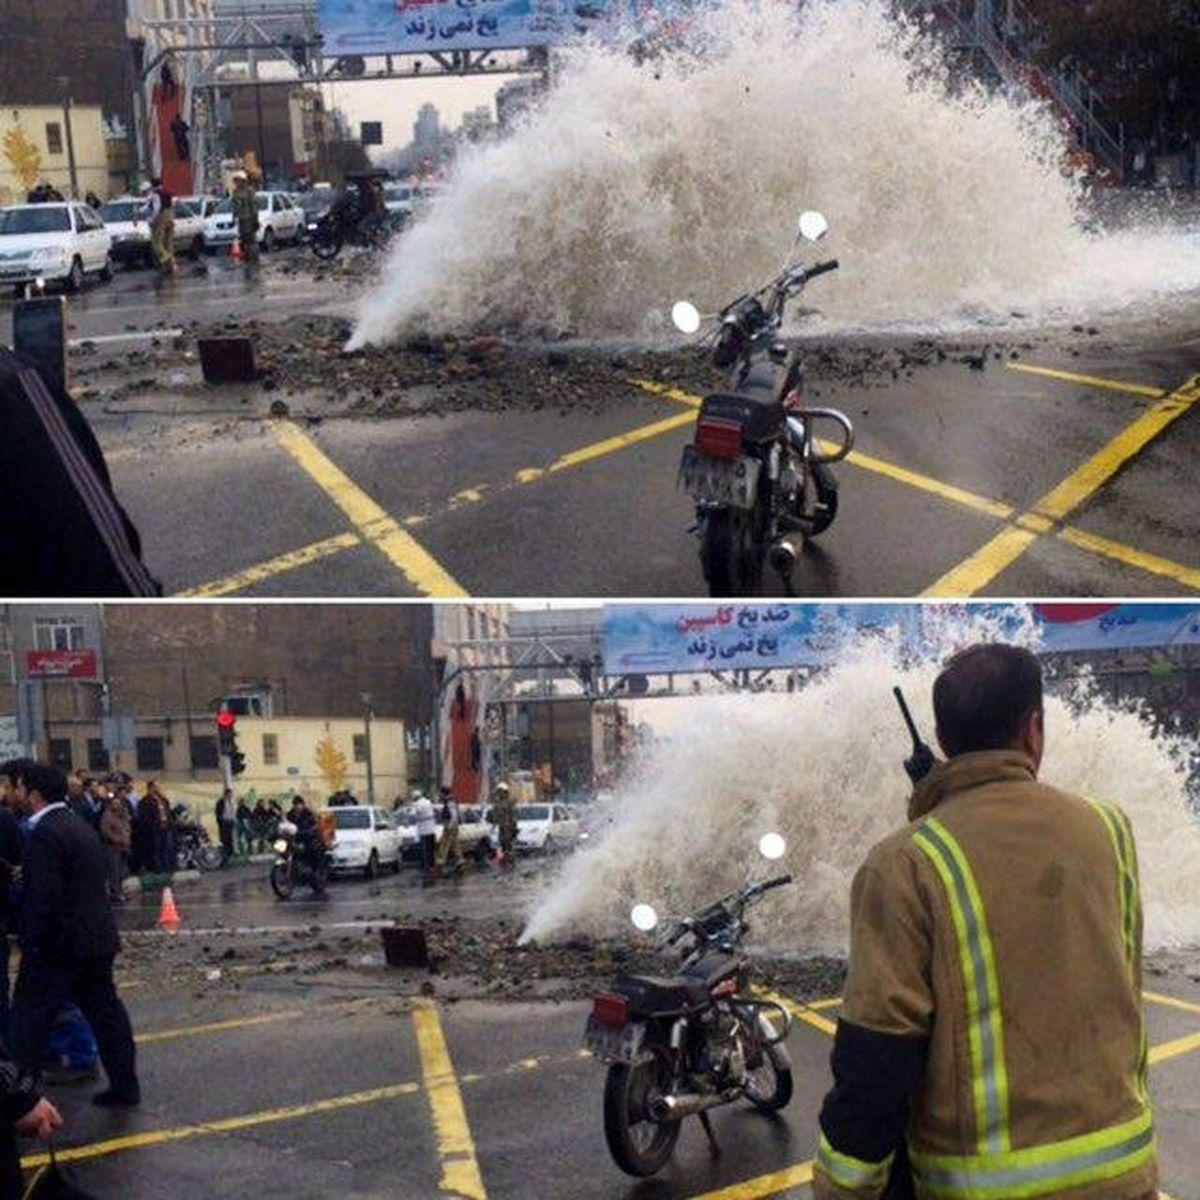 آغاز عملیات بهبود میدان توحید بعد از ترکیدگی لوله آب